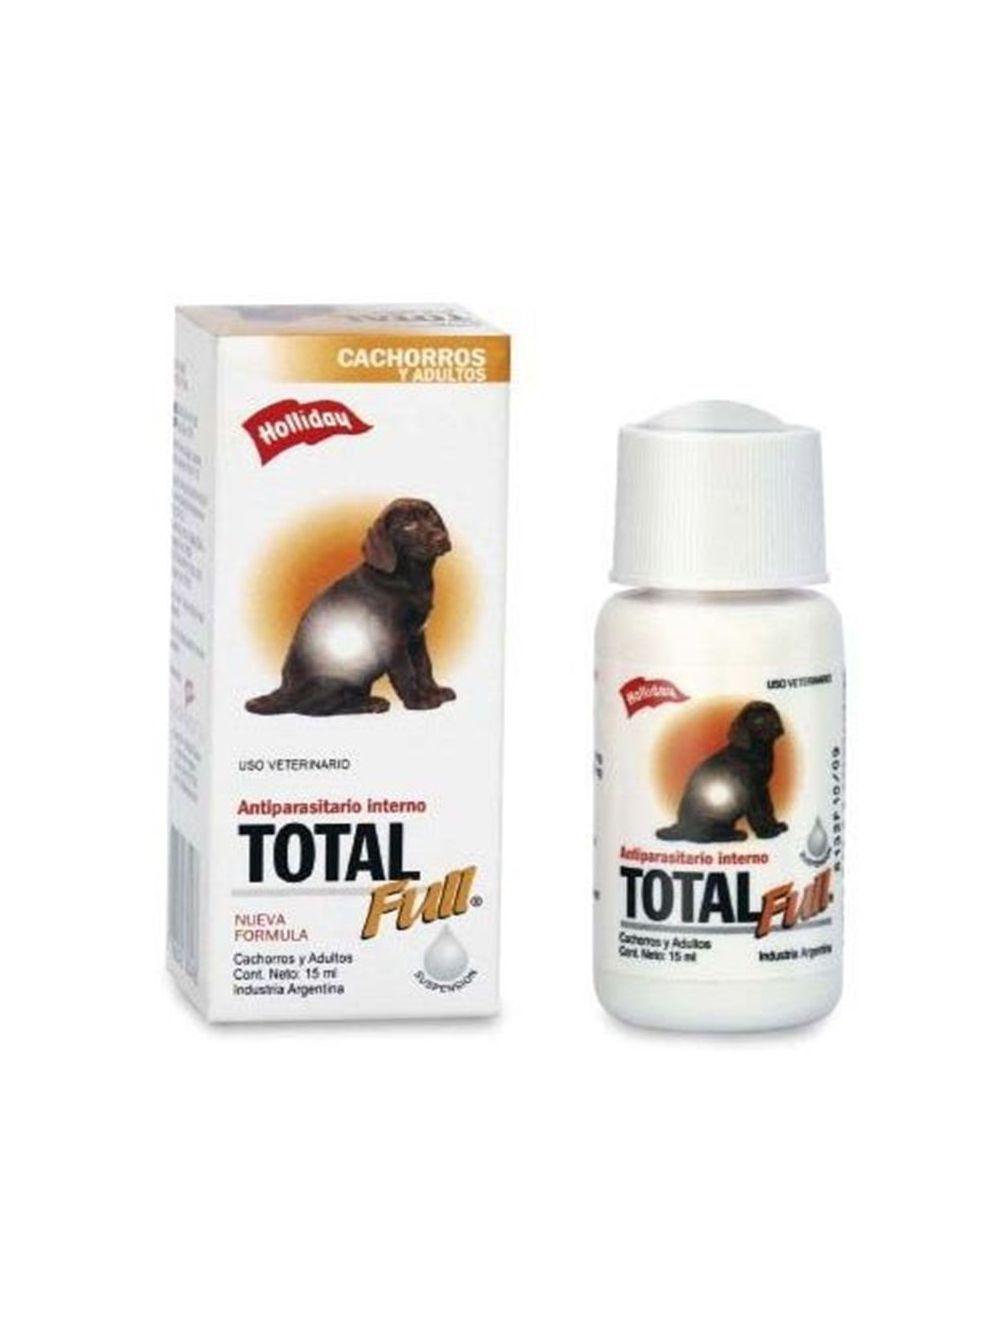 Total Full Suspención para perros - PRSR